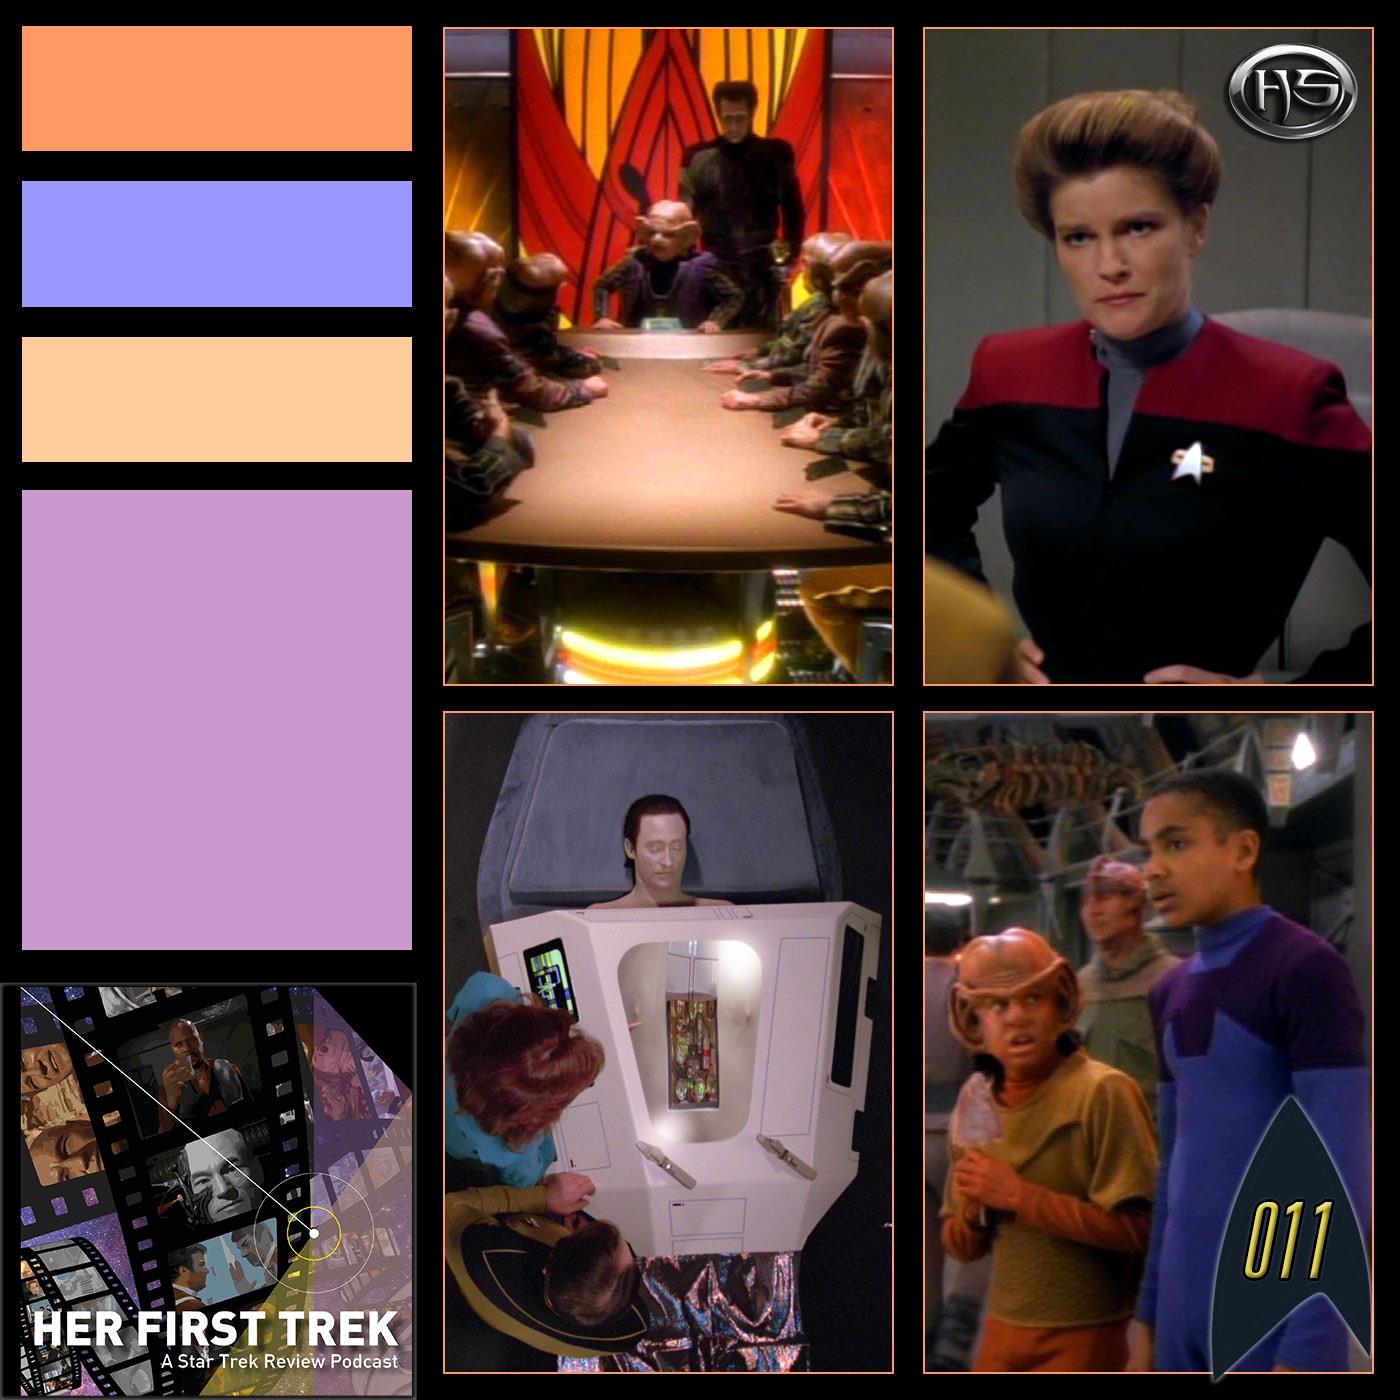 Her First Trek Episode 11